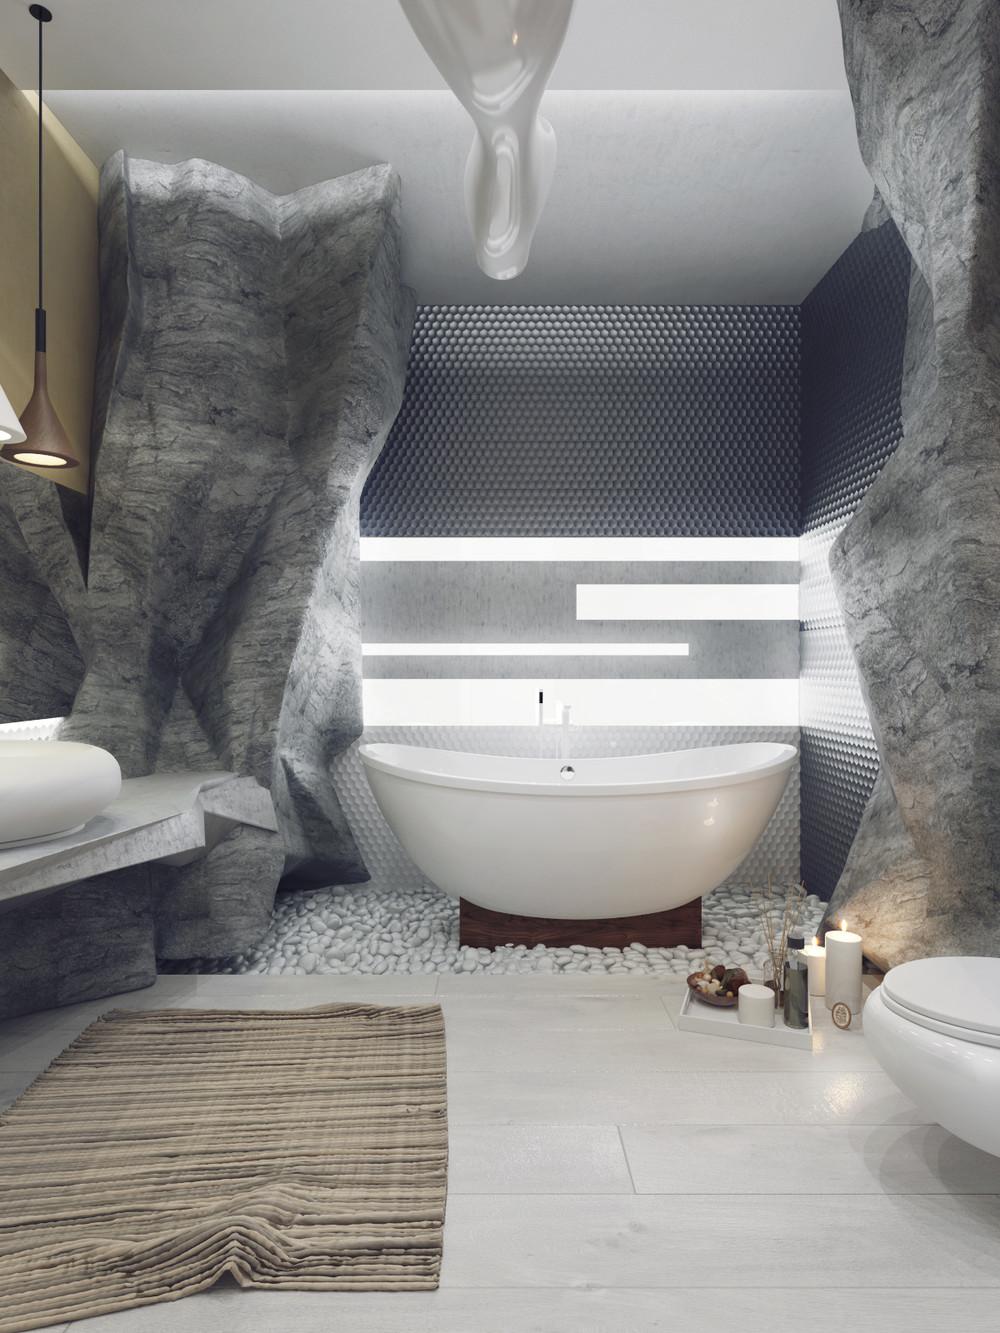 حمام ذو حوائط حجرية 3 حمام ذو حوائط حجرية 3